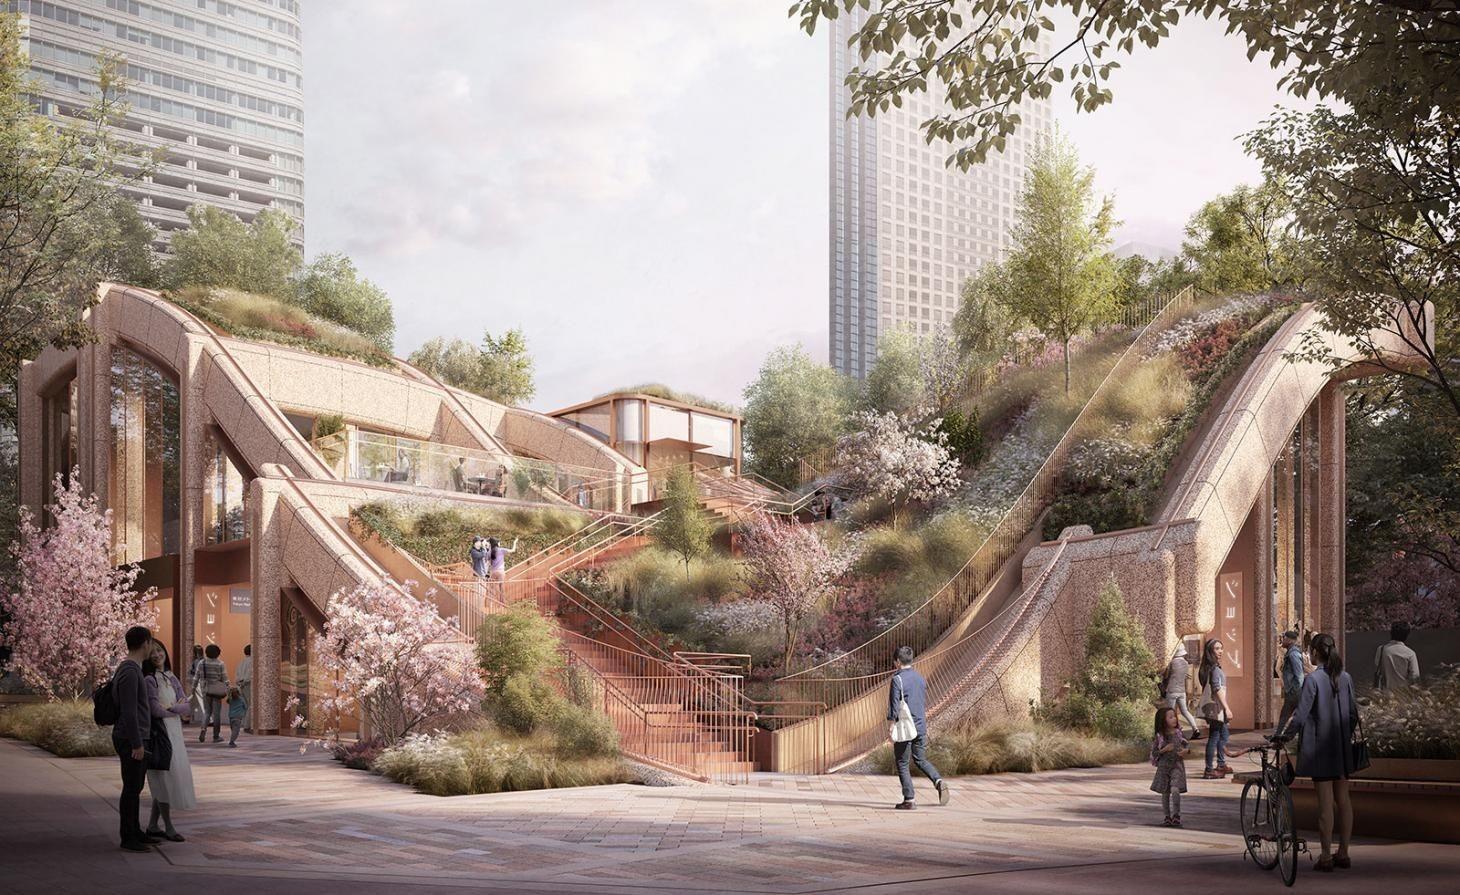 Der öffentliche Bereich und die Gebäude auf den unteren Ebenen stammen aus der Feder des britischen Heatherwick Studios.